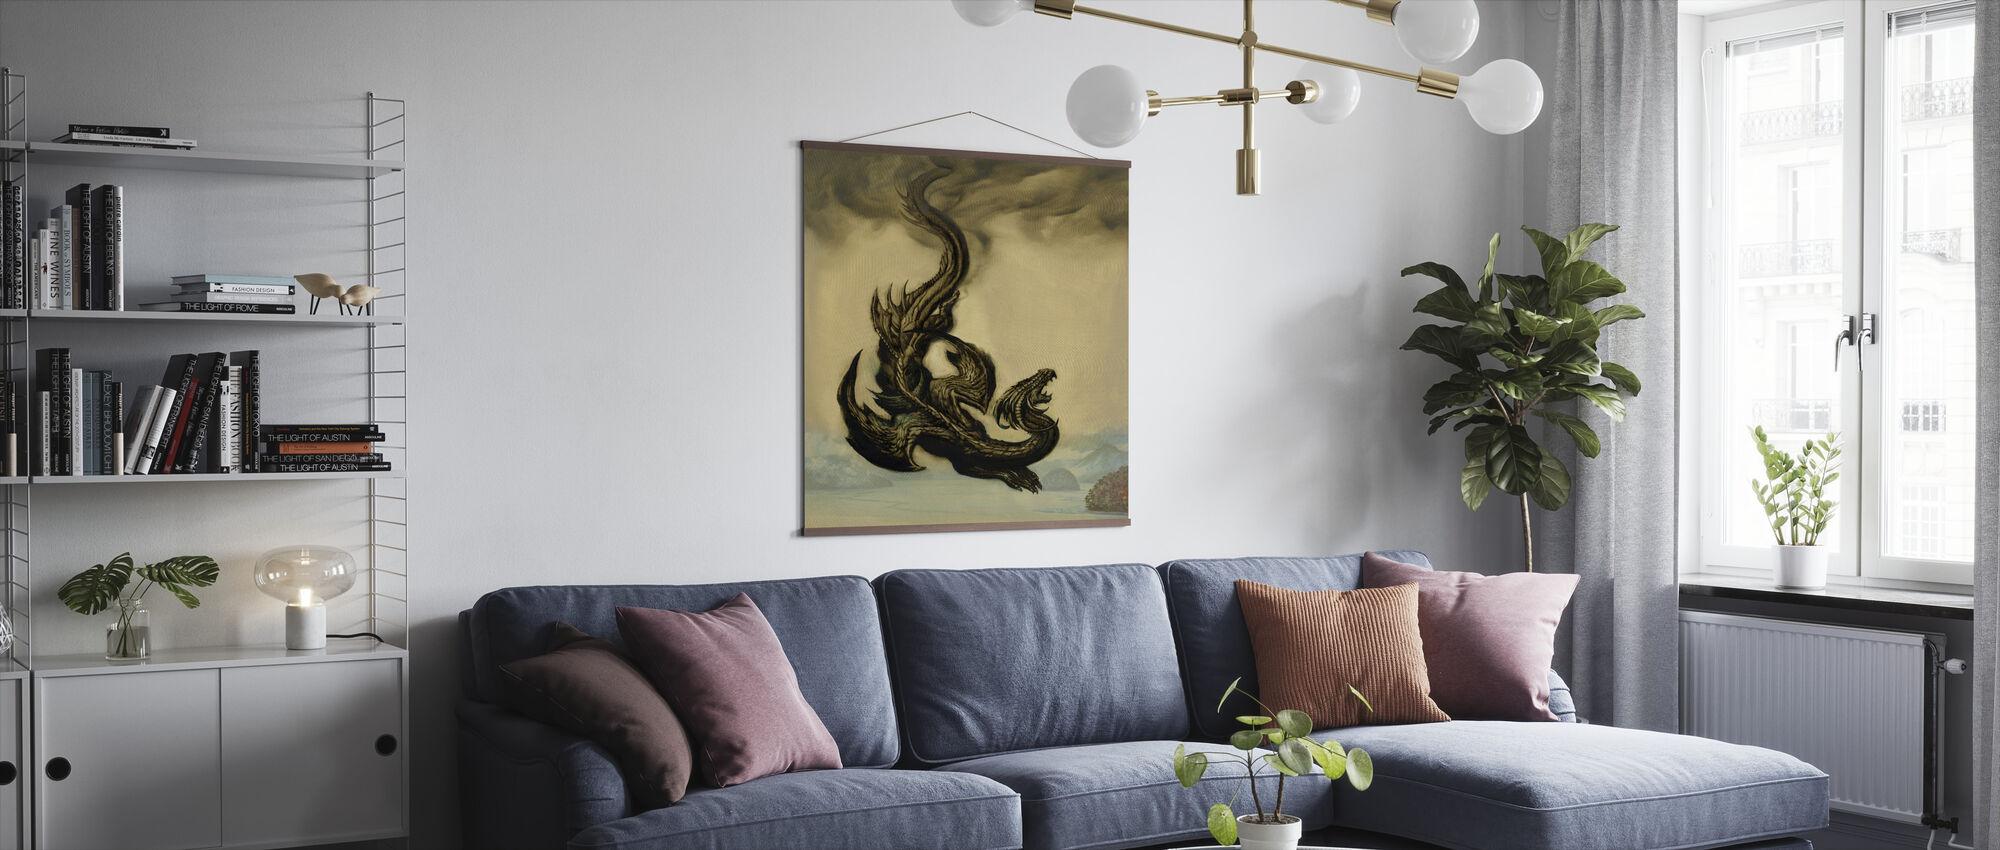 Bolt - Poster - Living Room